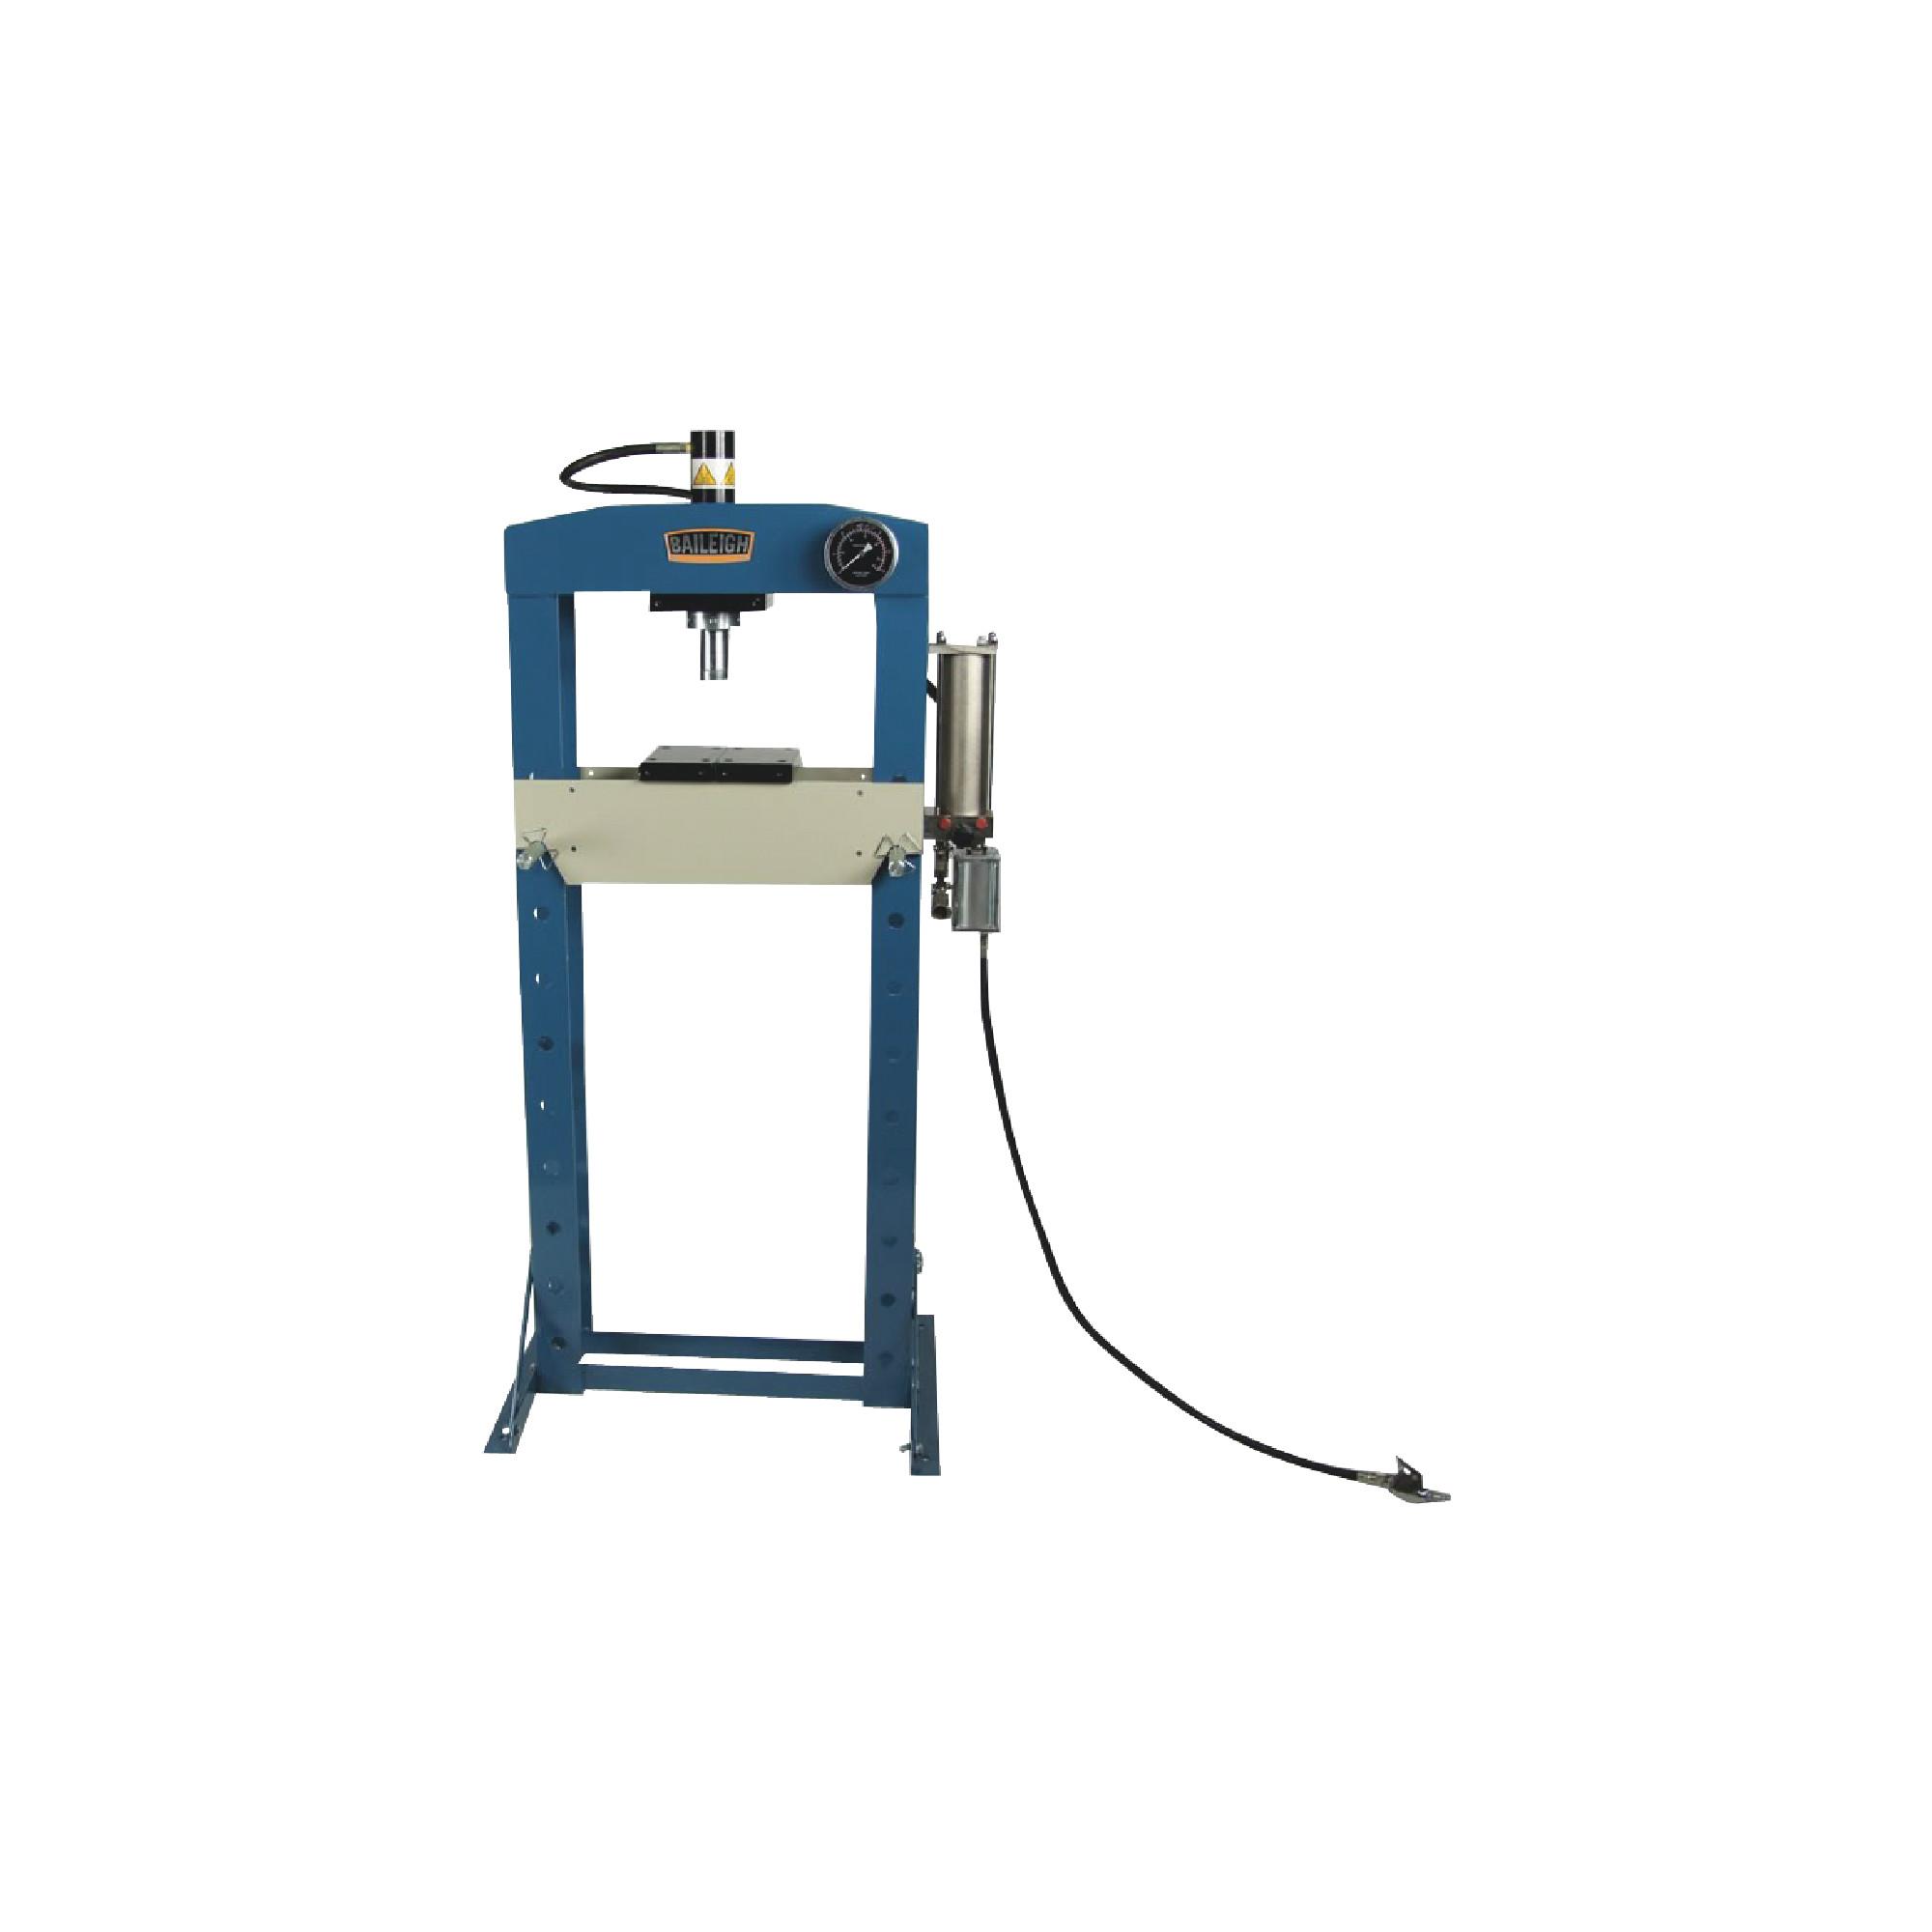 20 Ton Hydraulic Shop Press